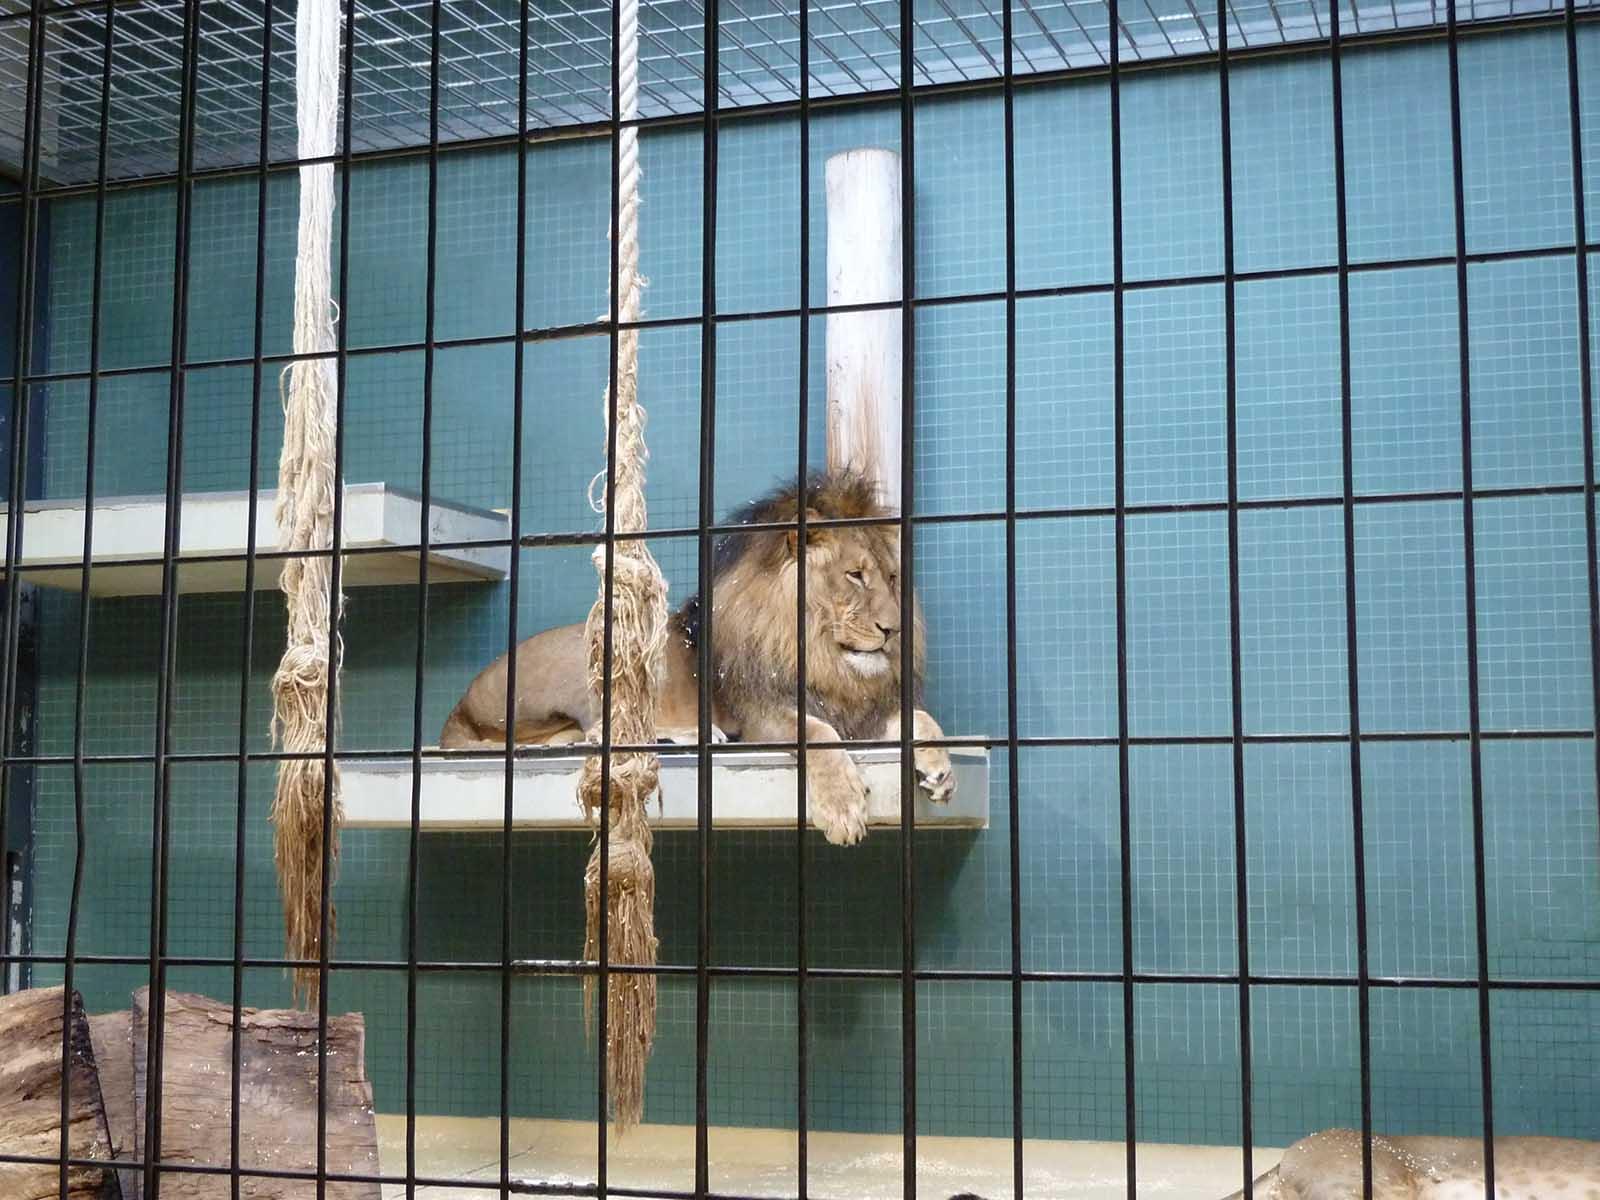 Die 8 größten Irrtümer über Zoos